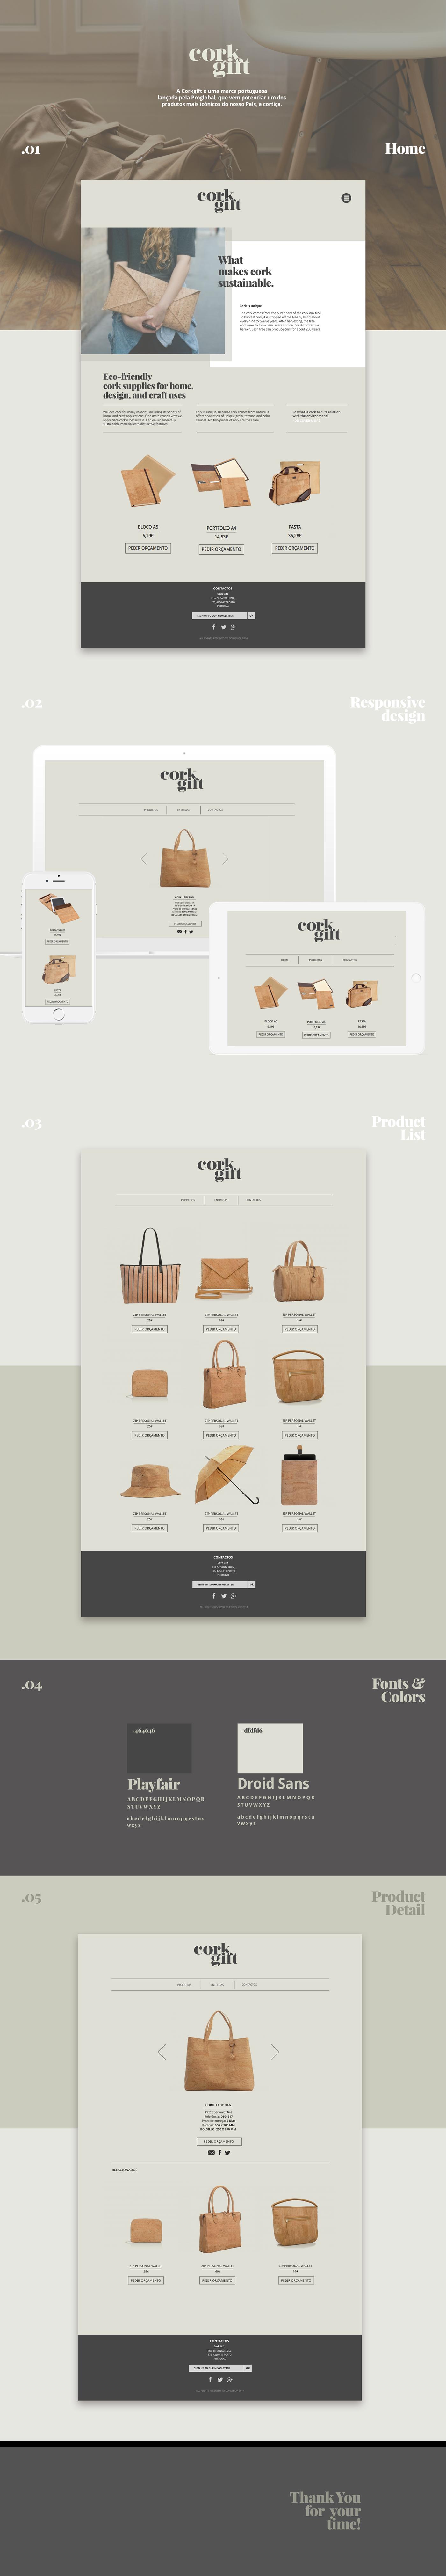 site onlinestore Webdesign ux/ui Web design ux UI